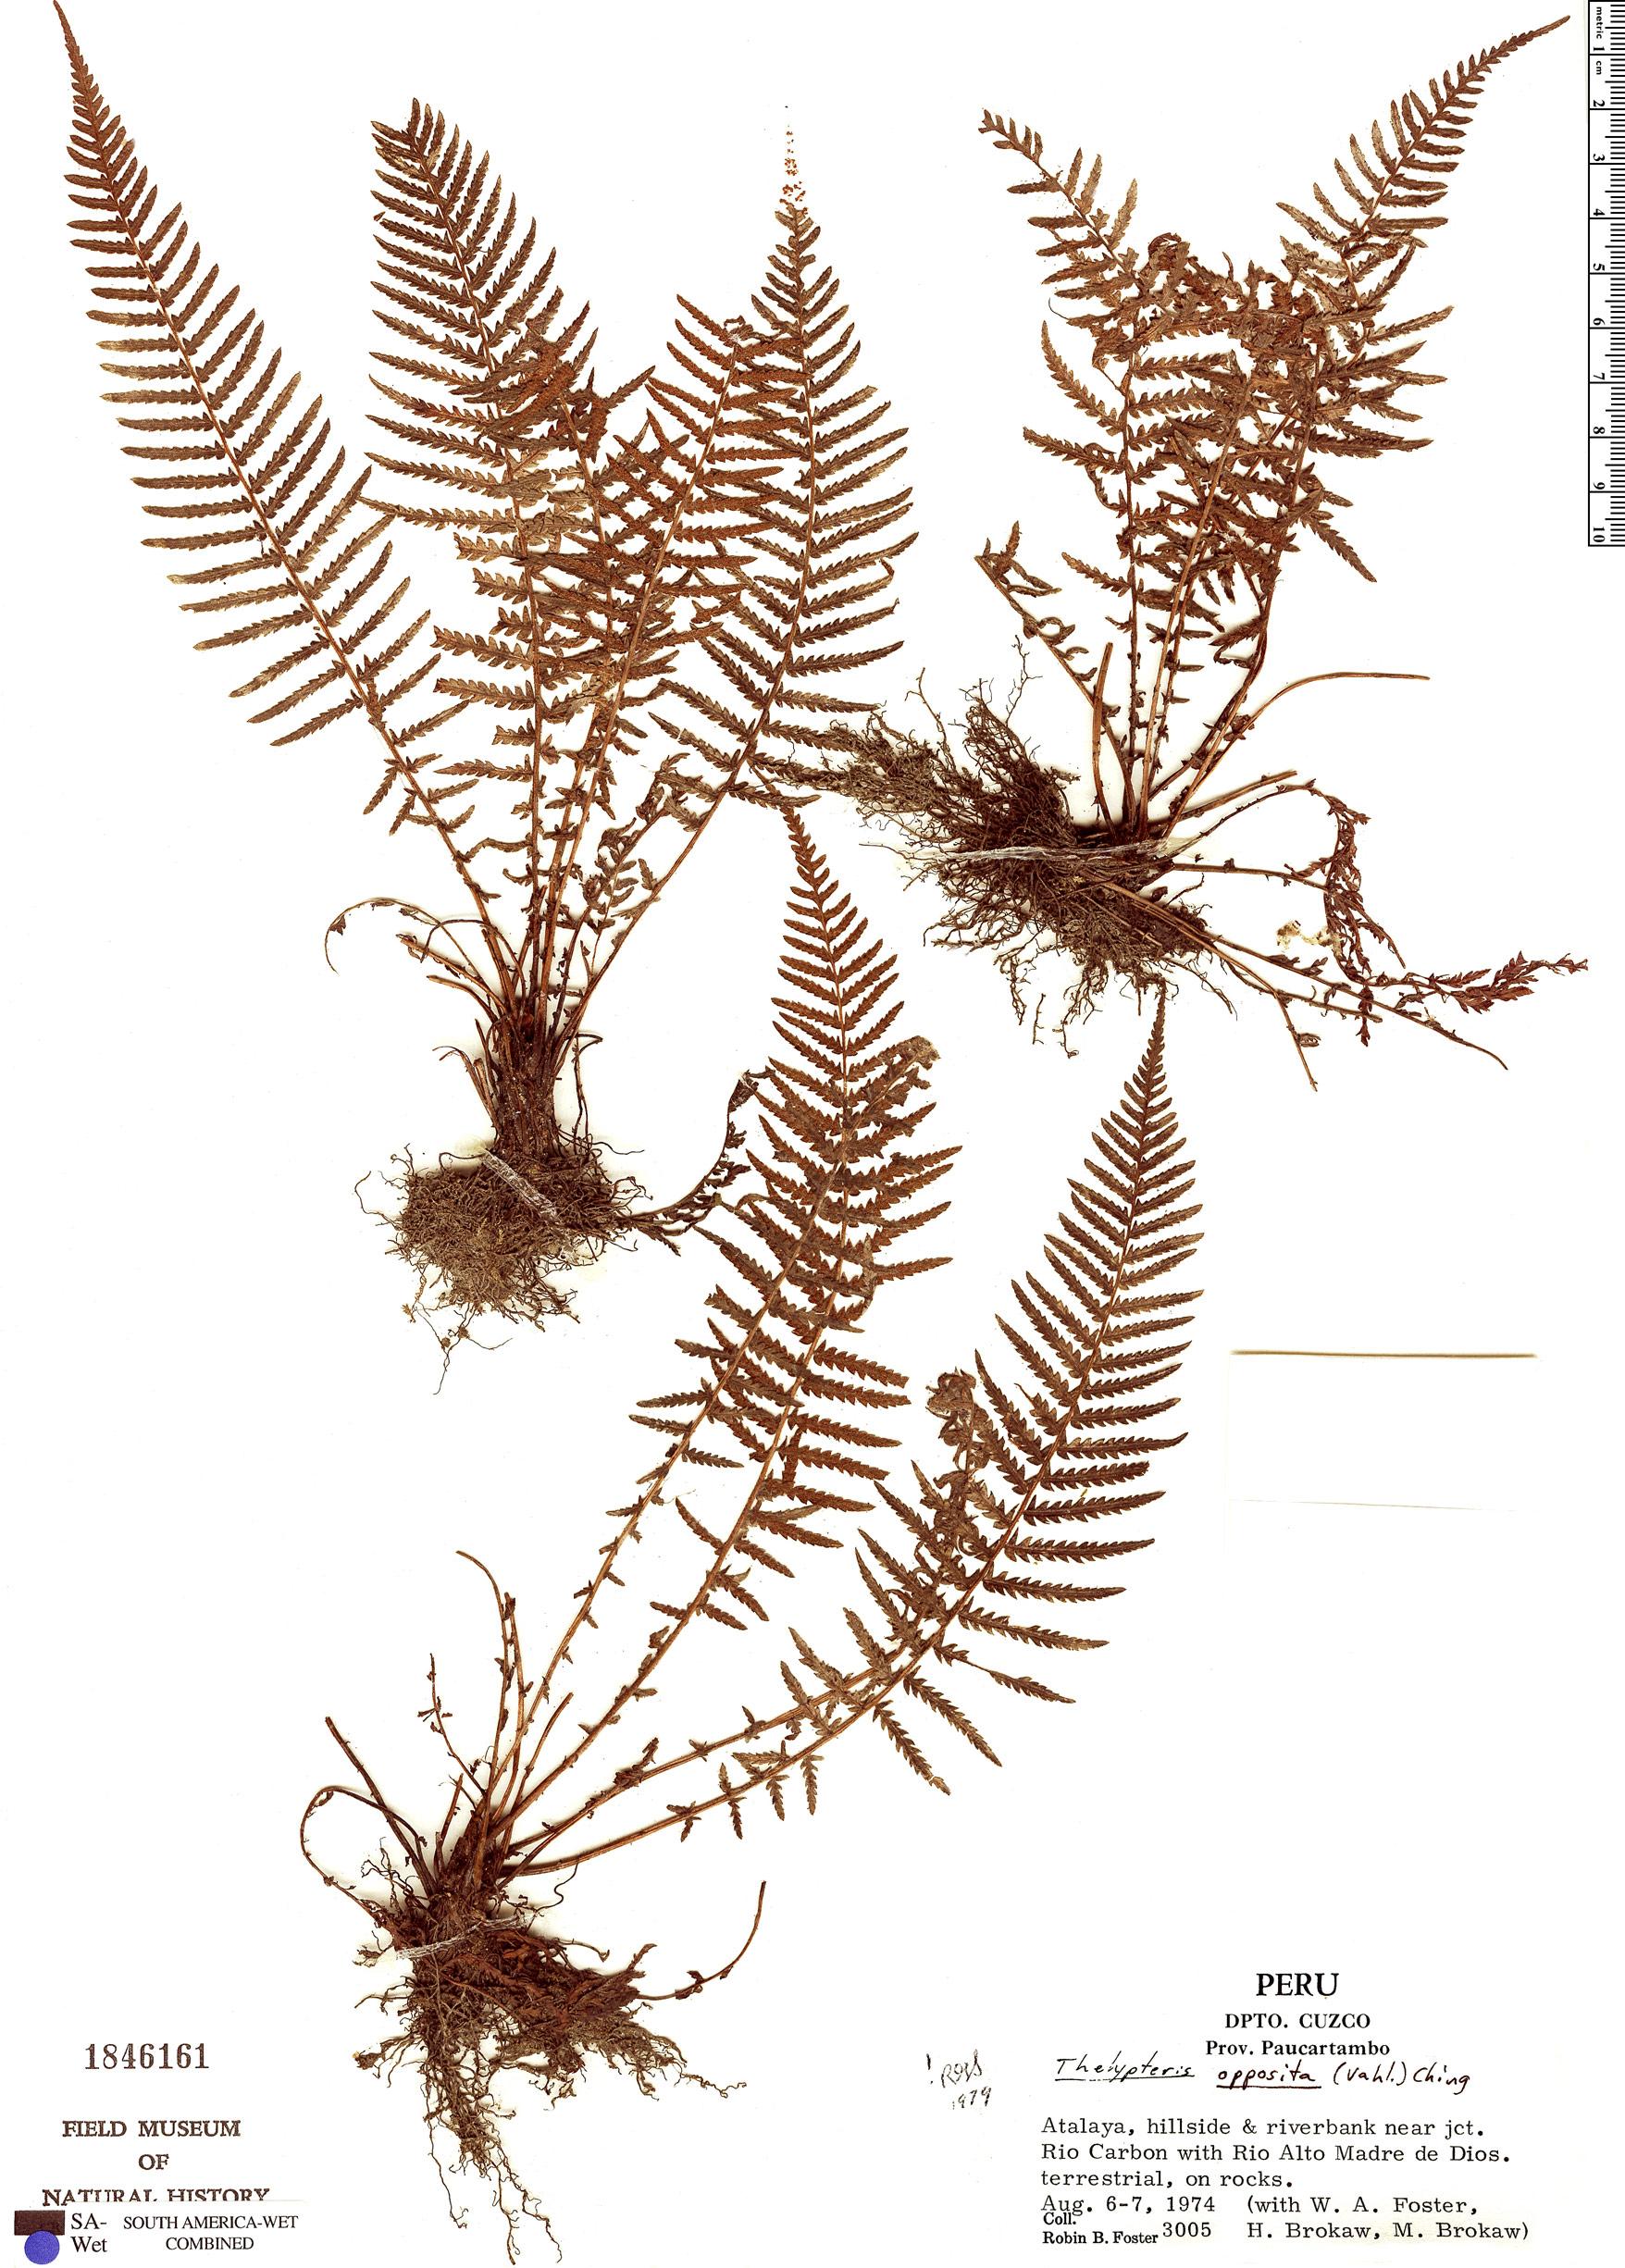 Specimen: Thelypteris opposita